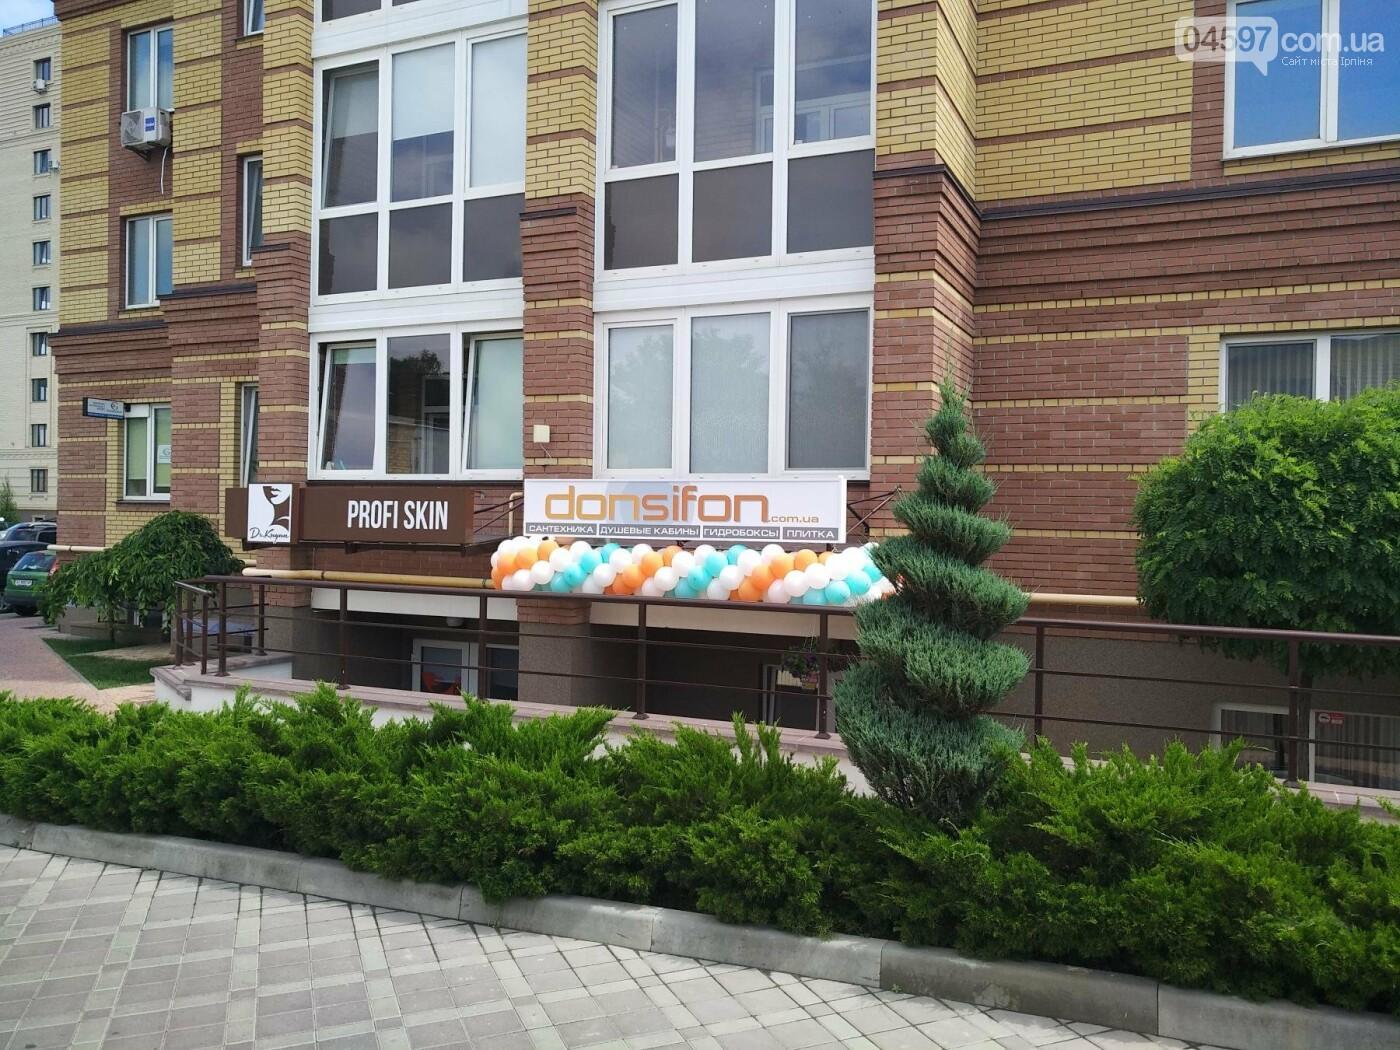 DonSifon - якісна сантехніка та кахель в Ірпені, фото-1